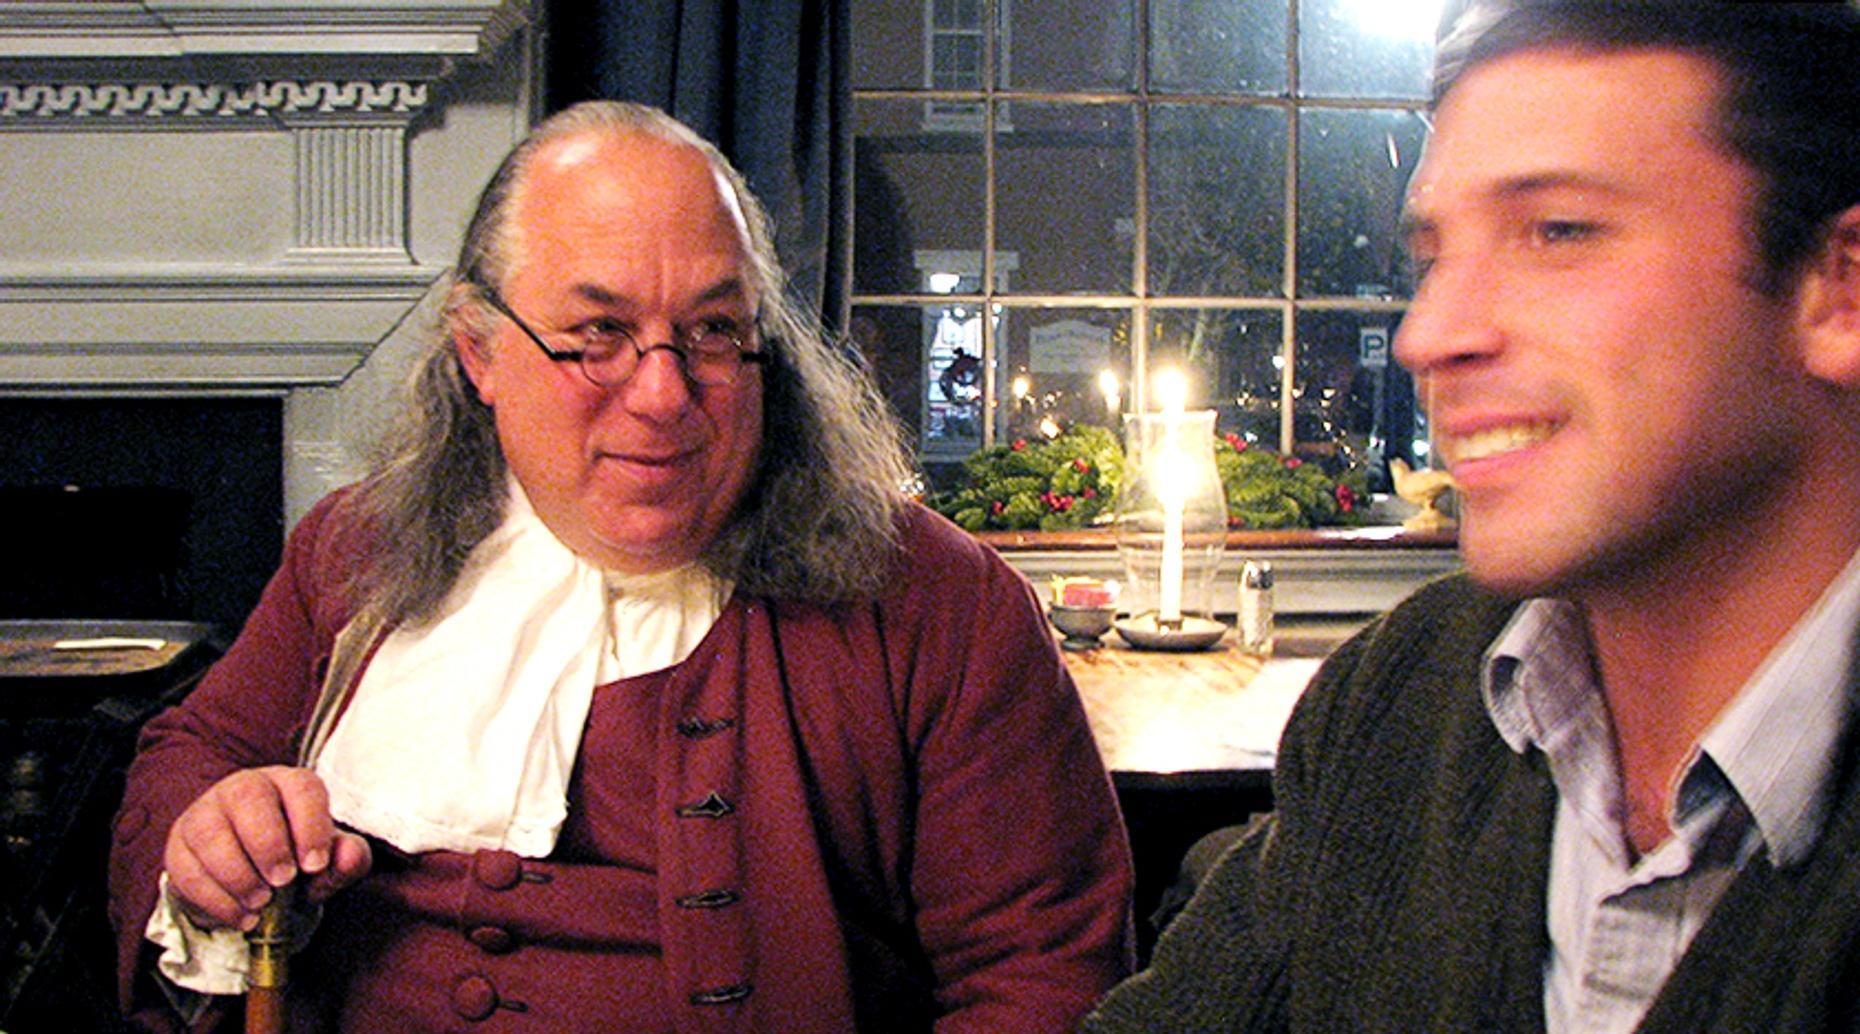 Philadelphia Dinner with Ben Franklin